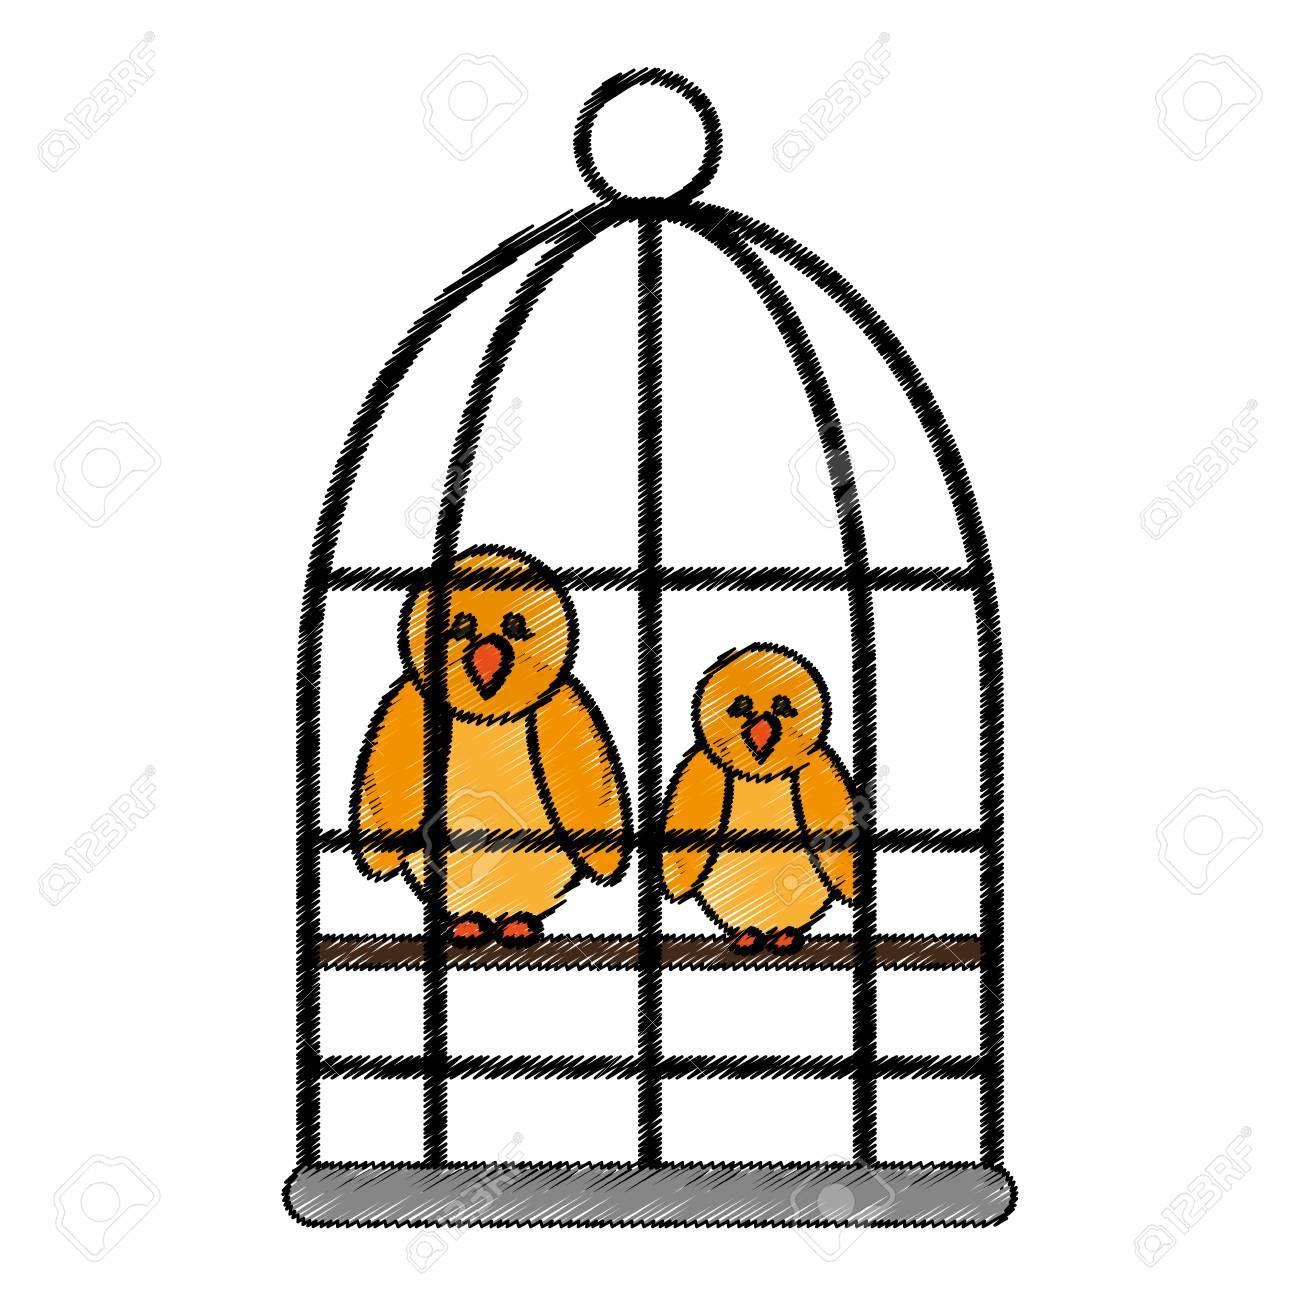 Oiseau Dans Une Icône De Dessin Animé De Cage Sur Fond Blanc. Design  Coloré. Illustration Vectorielle destiné Dessin De Cage D Oiseau